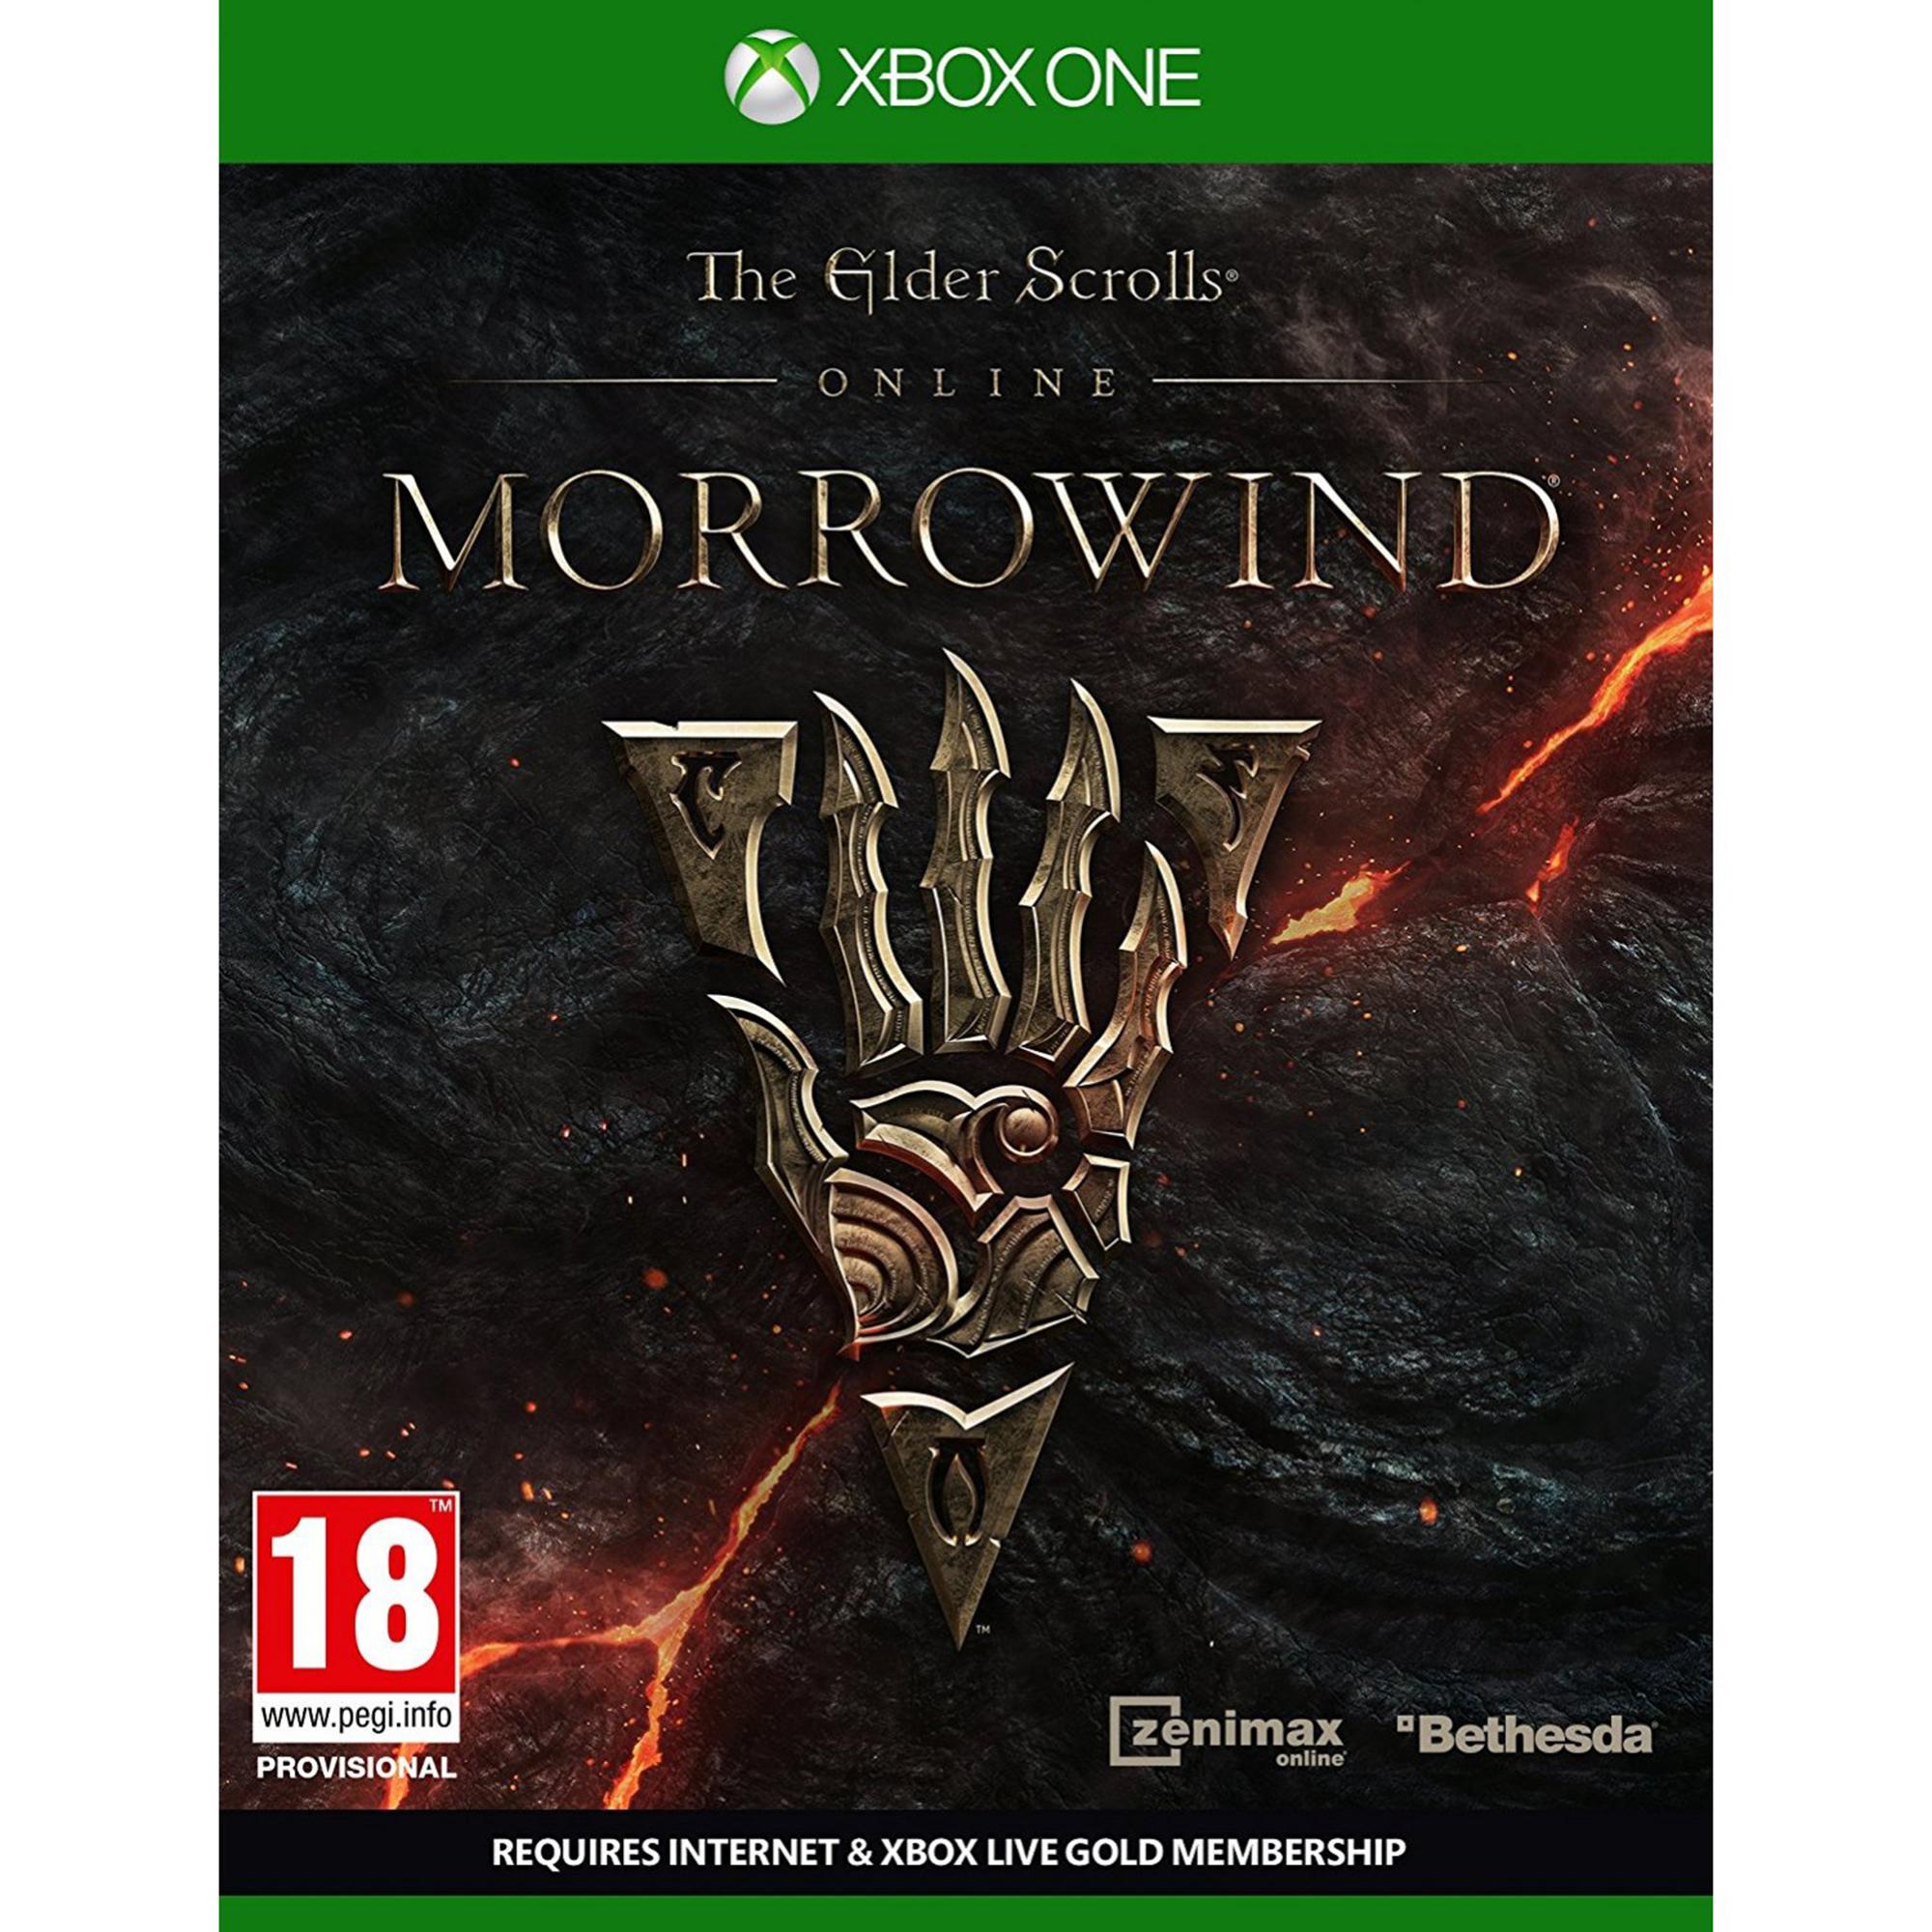 Joc The Elder Scrolls Online Morrowind pentru Xbox One 0